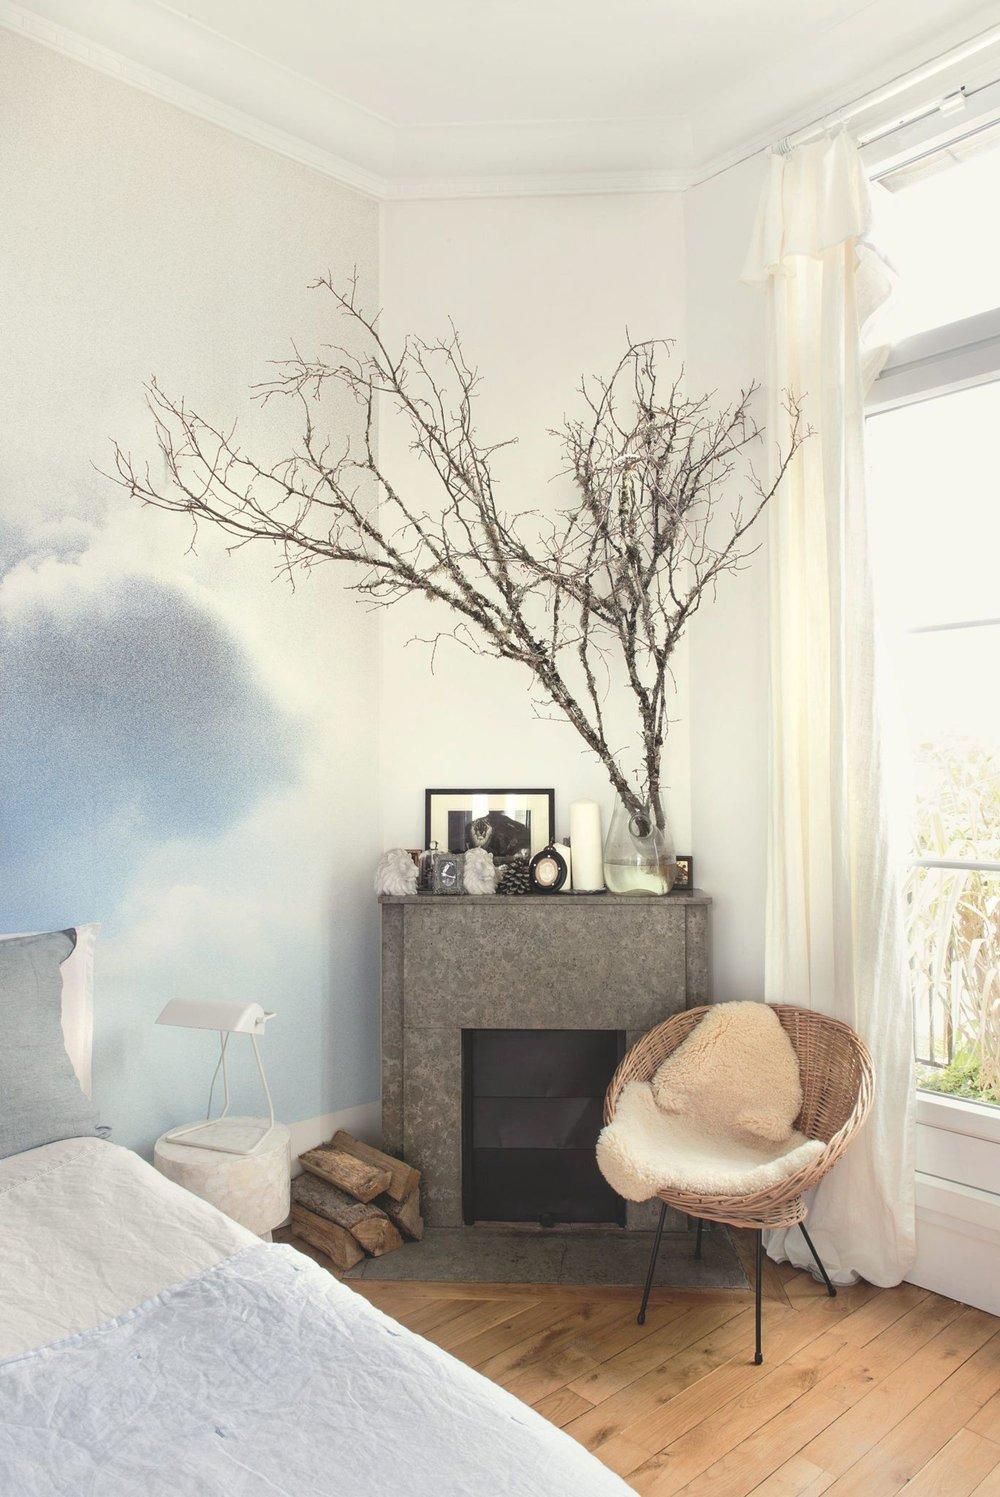 chambre-avec-branche-en-bois-et-fauteuil-en-rotin_5583899